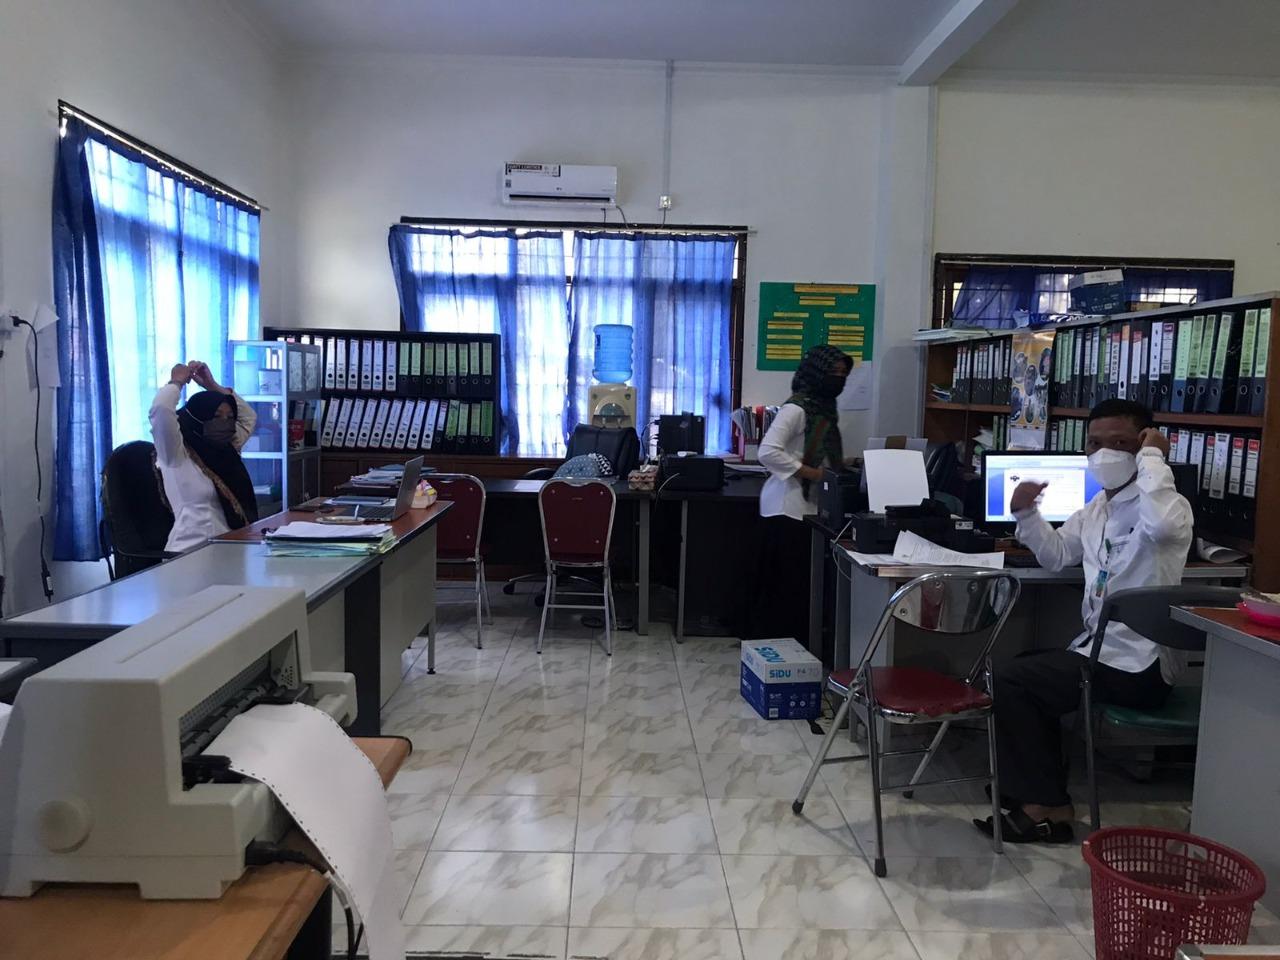 Suasana Ruangan OPD Yang Dilakukan Sidak Oleh Wabup Lingga, Neko Wesha Pawelloy